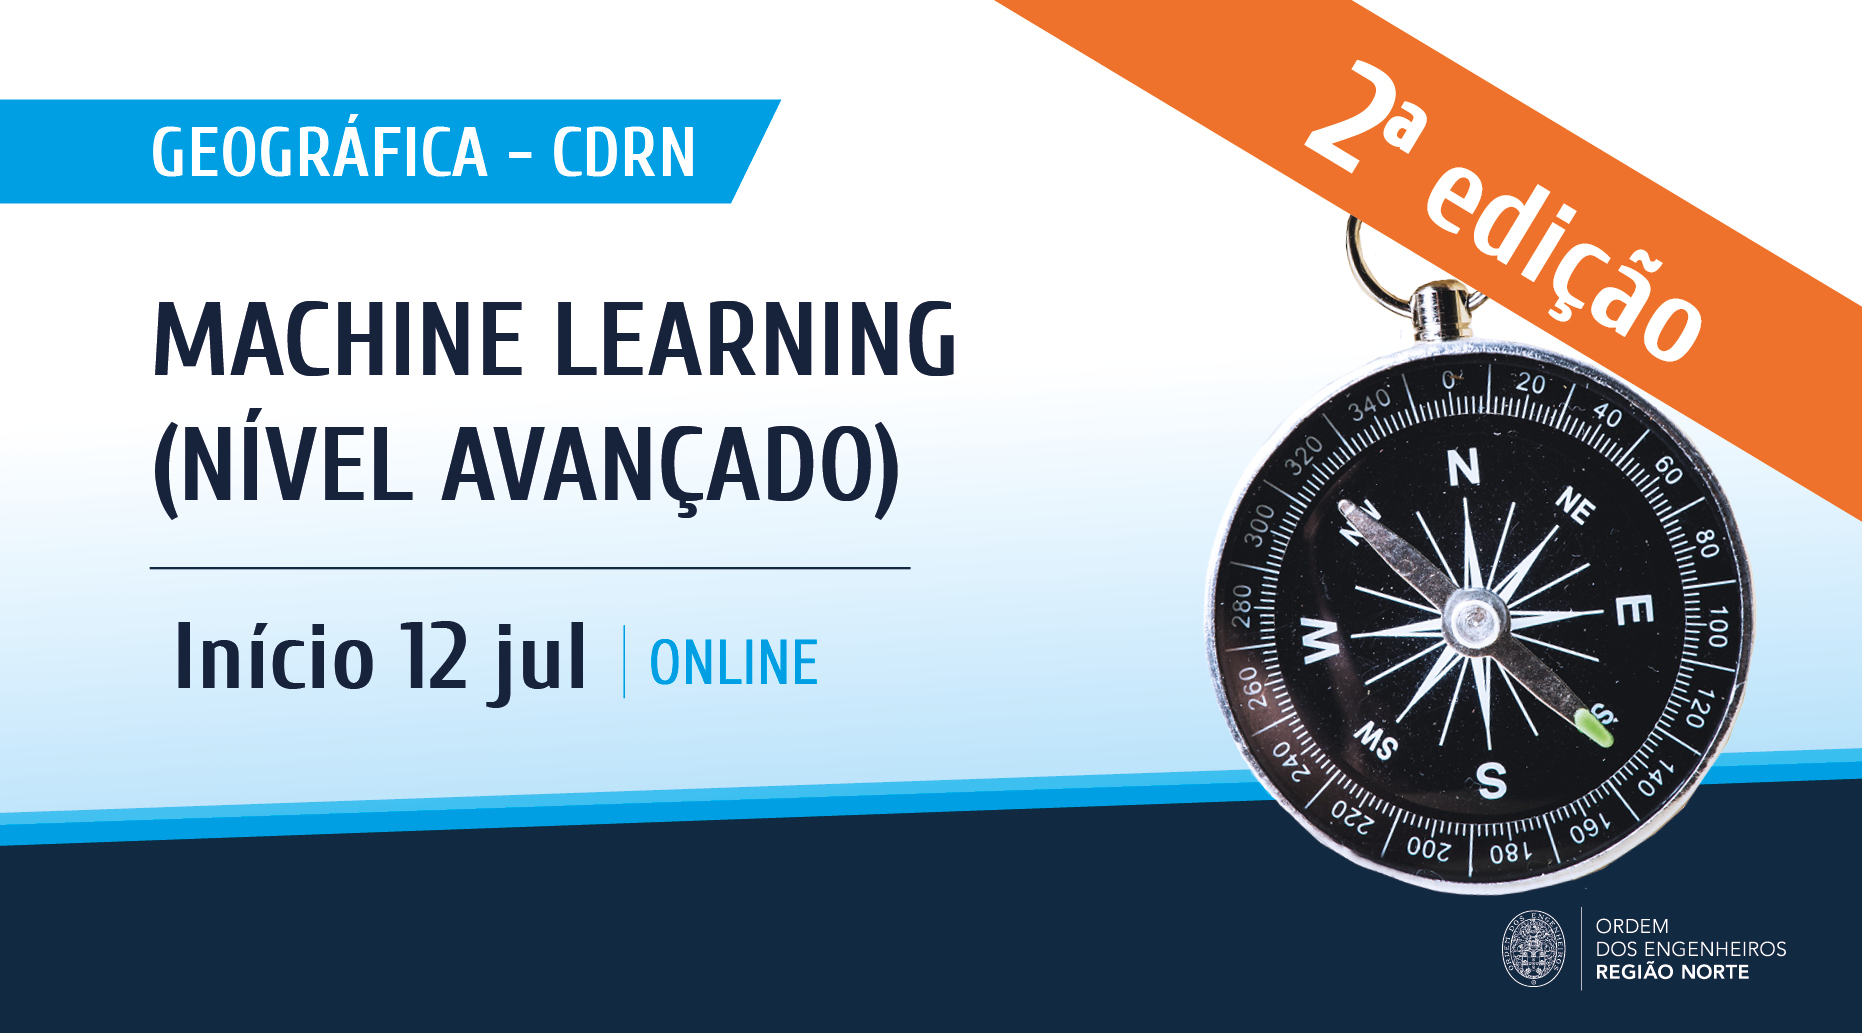 Plataforma Notícias Ordem Engenheiros Região Norte - [Formação] Machine Learning (nível avançado) – 2ª edição